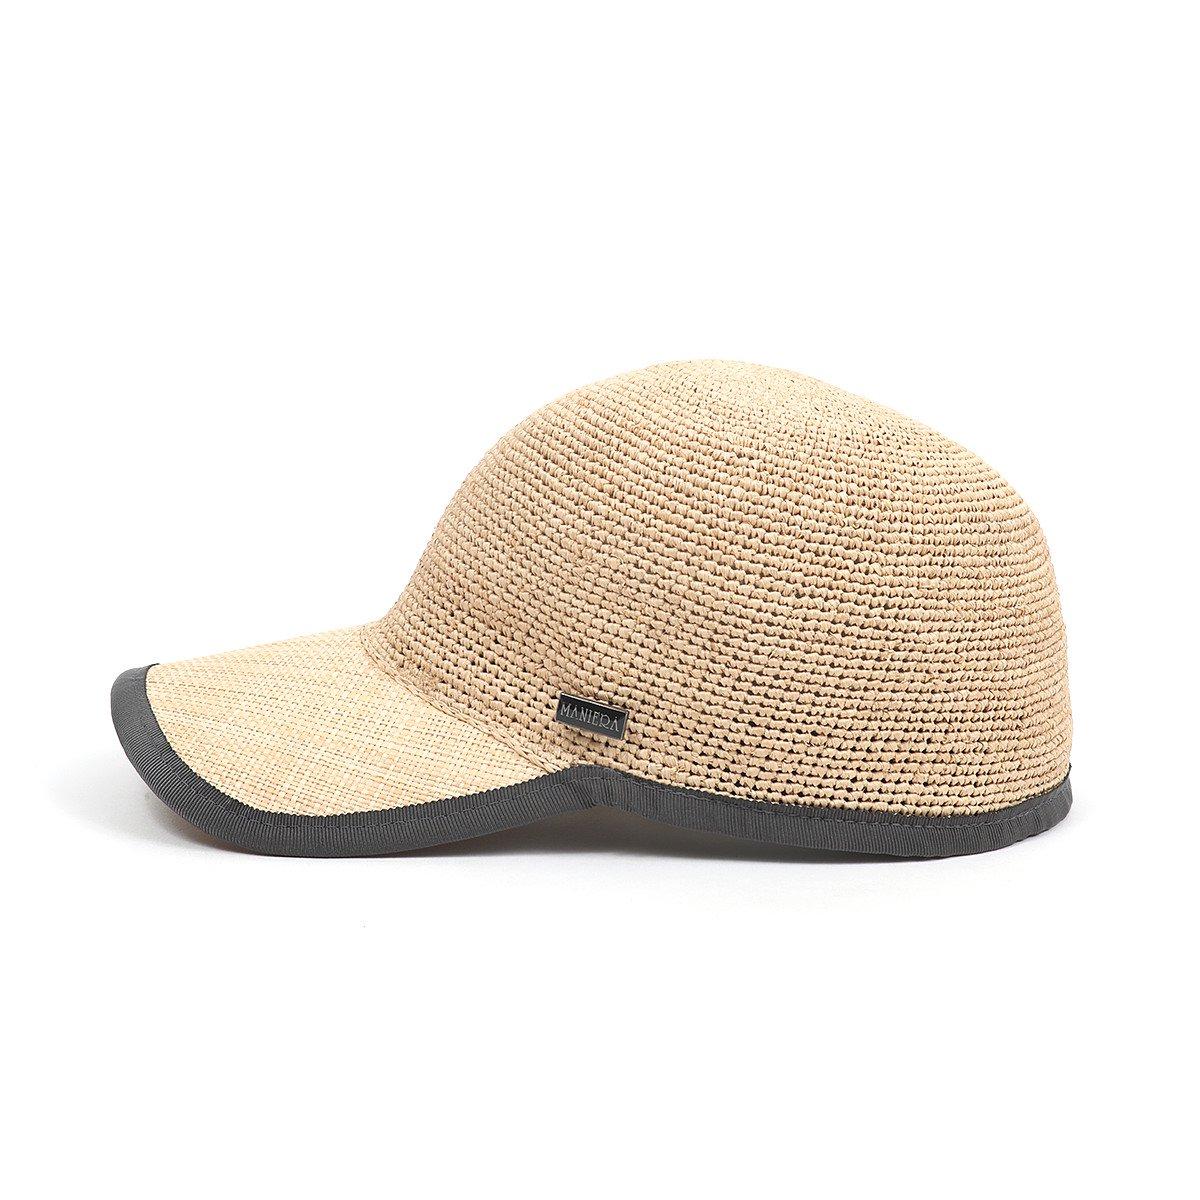 RAFIA CAP 詳細画像1